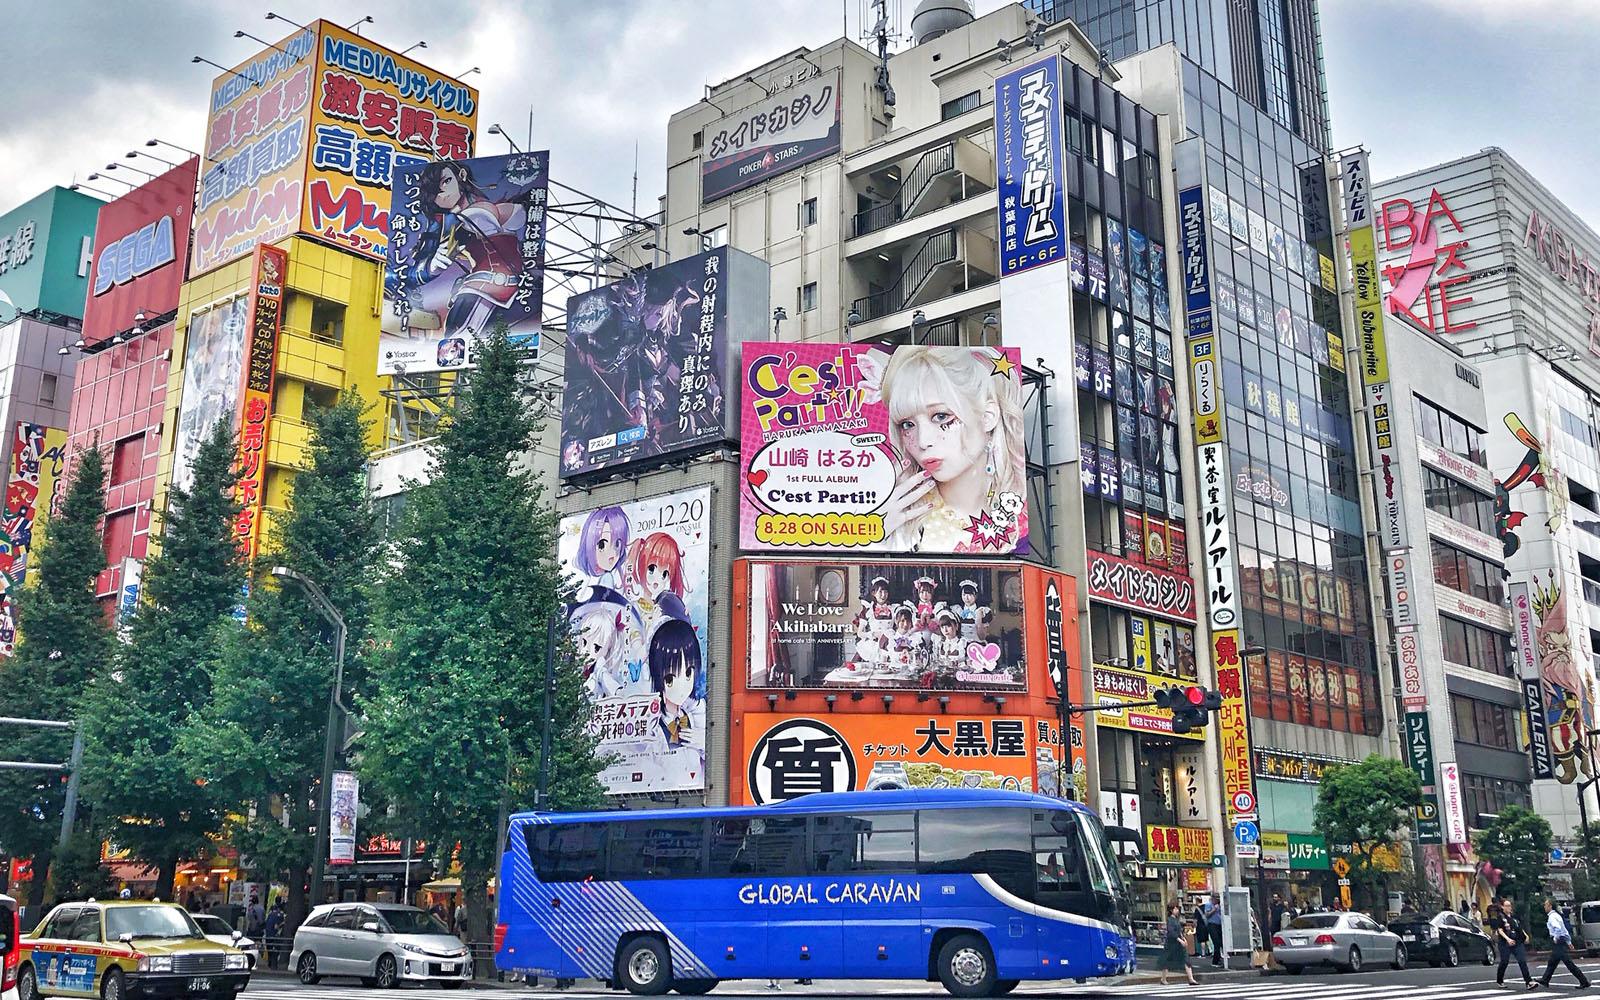 Uno scorcio del quartiere di Akihabara a Tokyo.